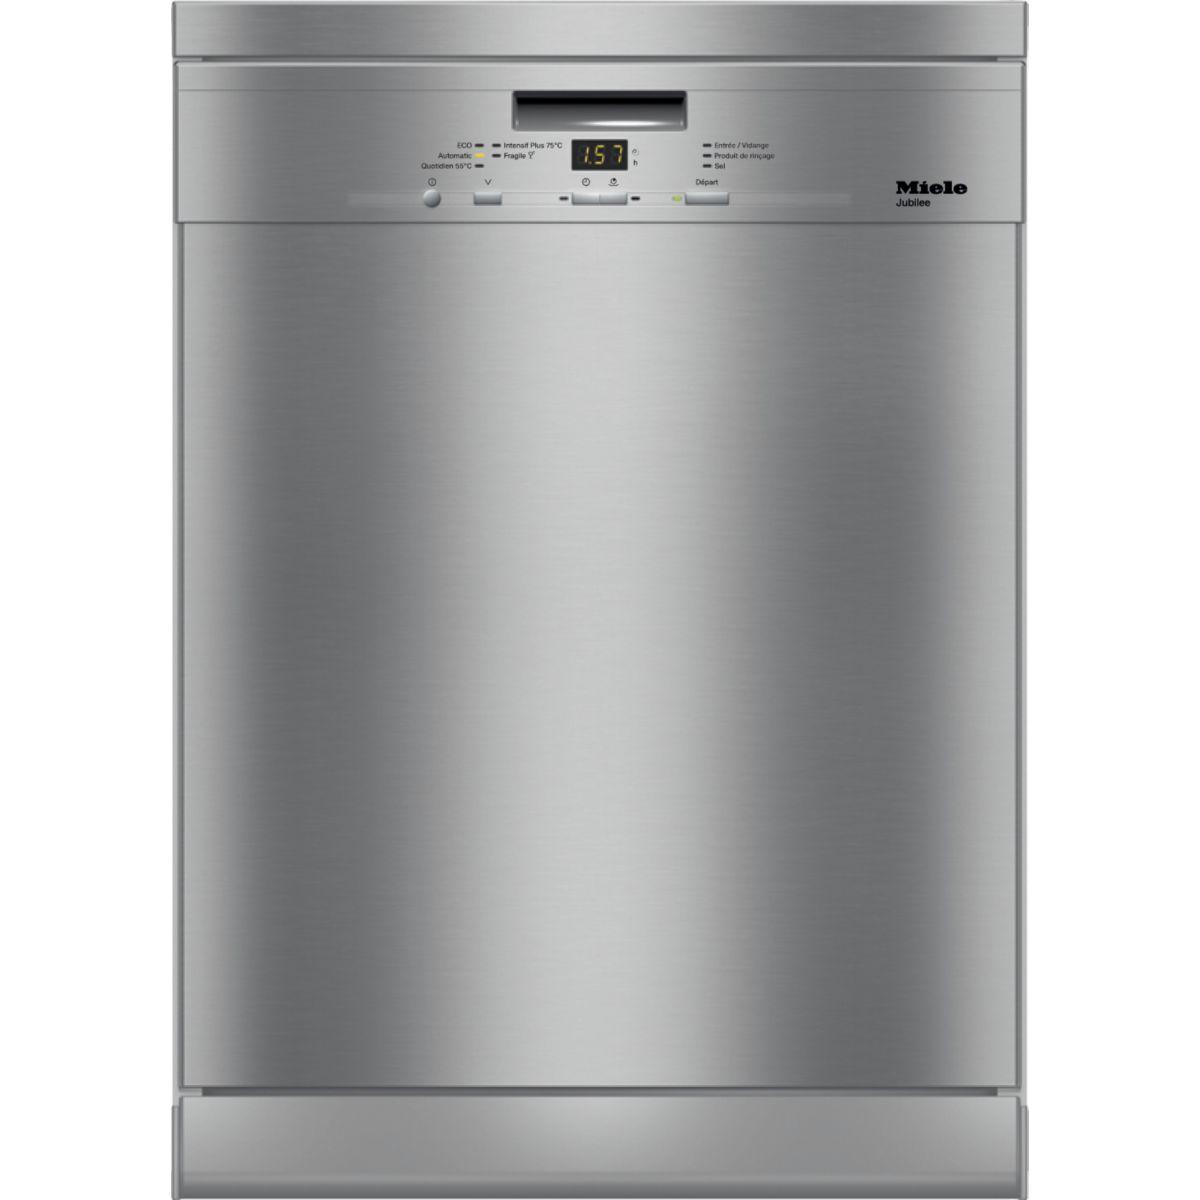 Lave vaisselle 60 cm miele g 4942 sc front inox - livraison offerte : code livp (photo)